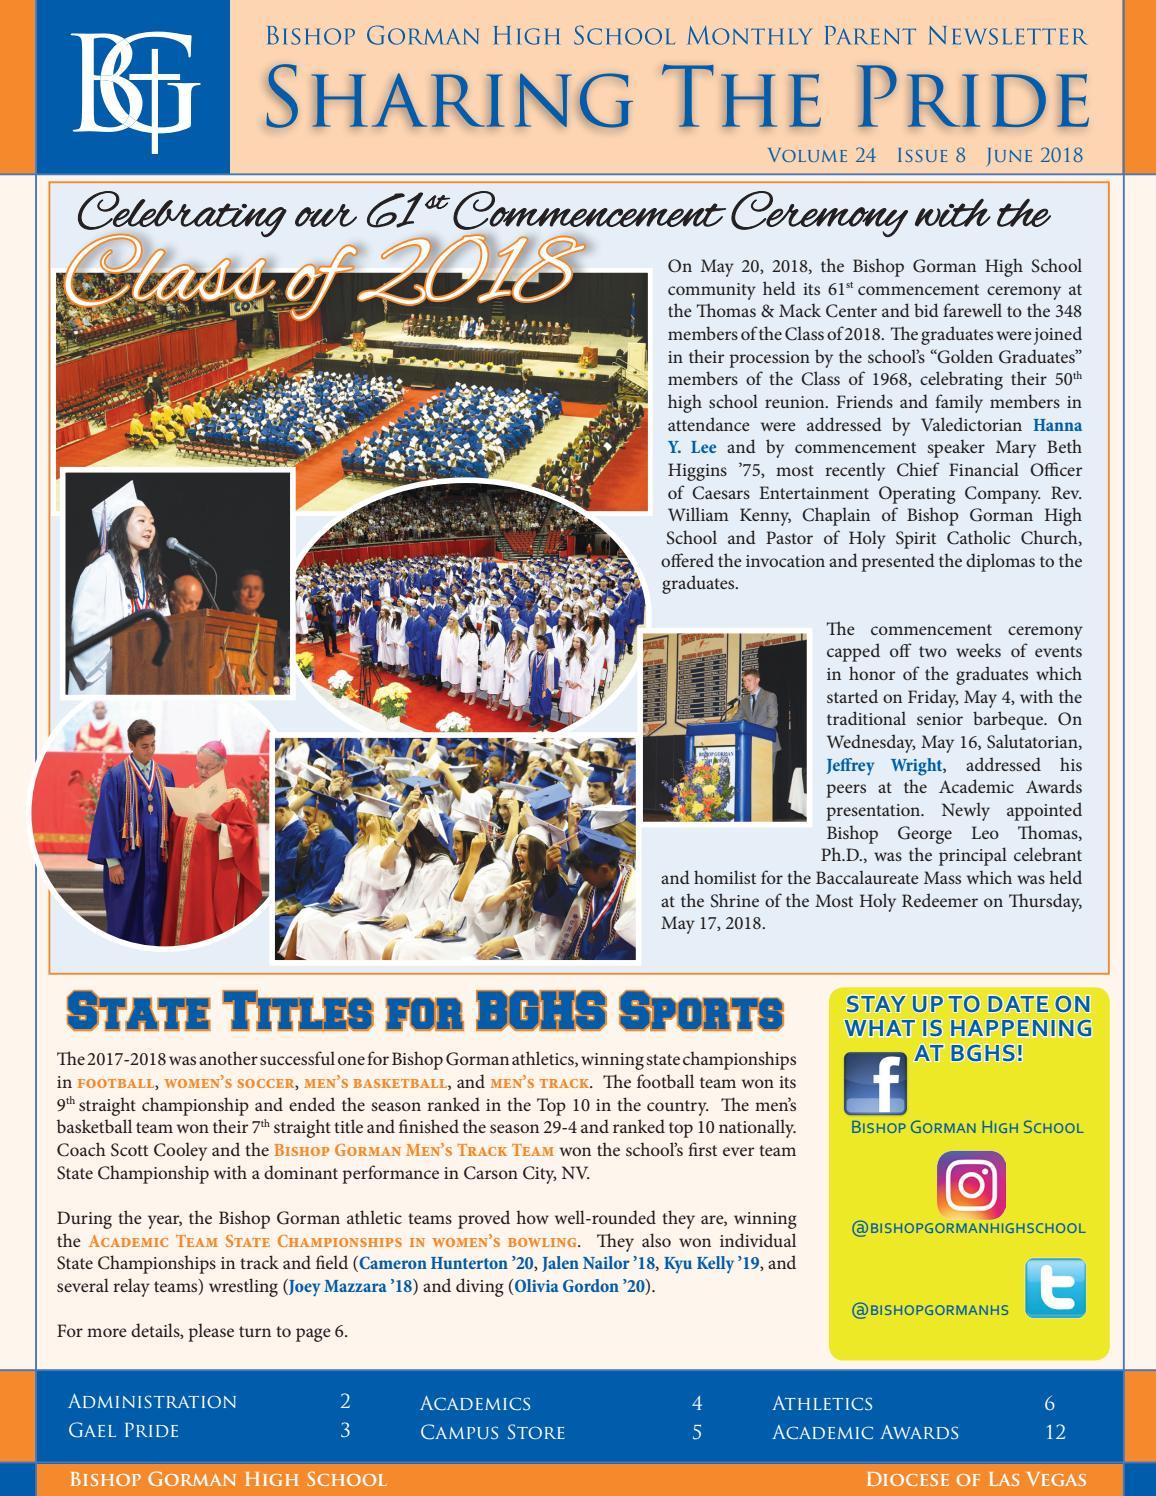 Bishop Gorman High School Sharing The Pride Newsletter Summer 2018